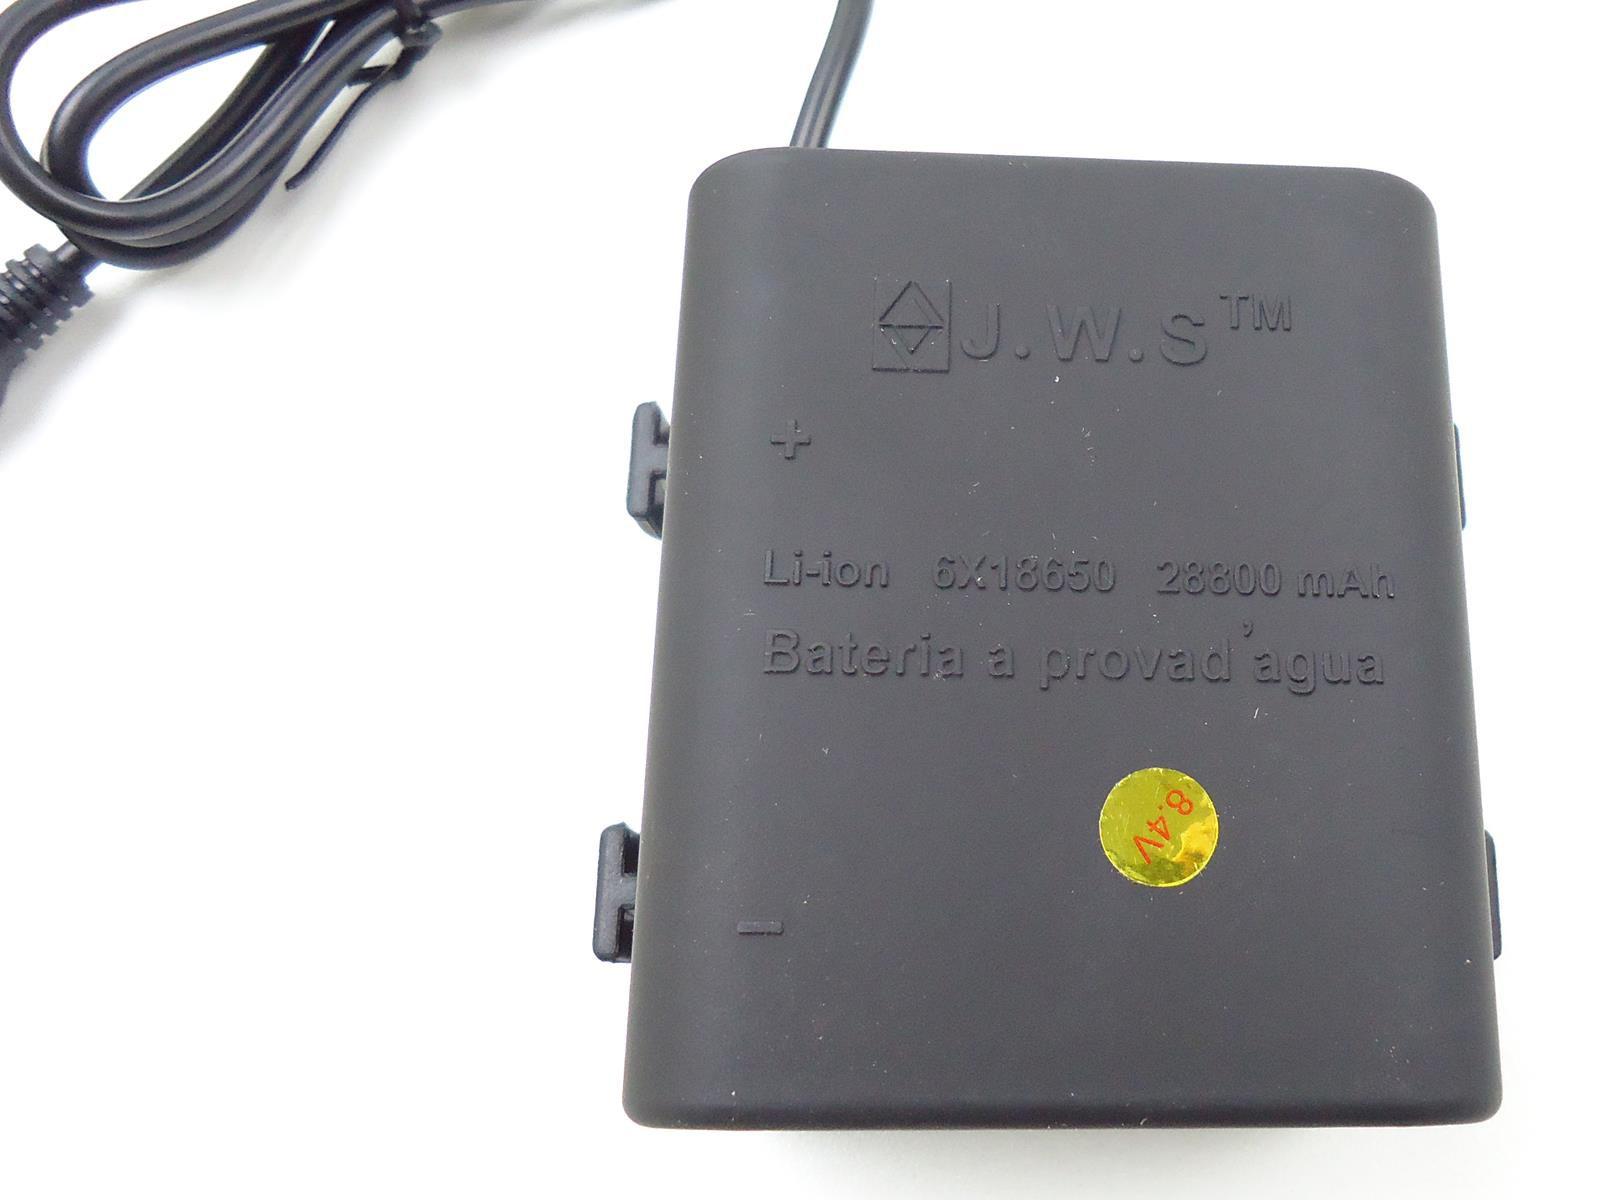 Bateria Externa para Farol Bicicletas JWS Recarregável de 6 células 18650 8.4v 28800mAh Selada Blindada